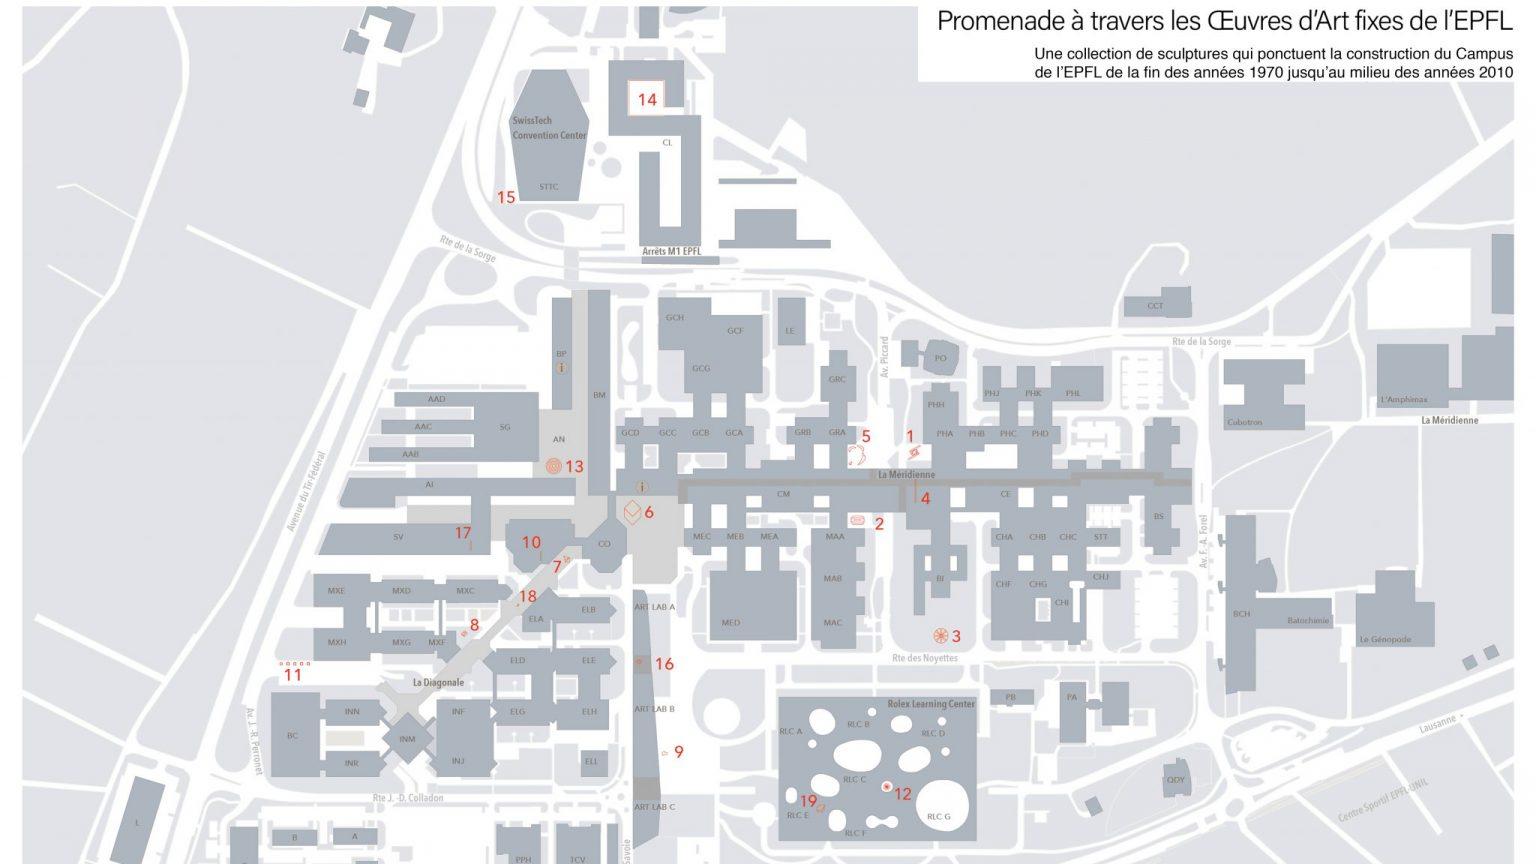 Plan de situation des oeuvres d'art fixes du campus EPFL.